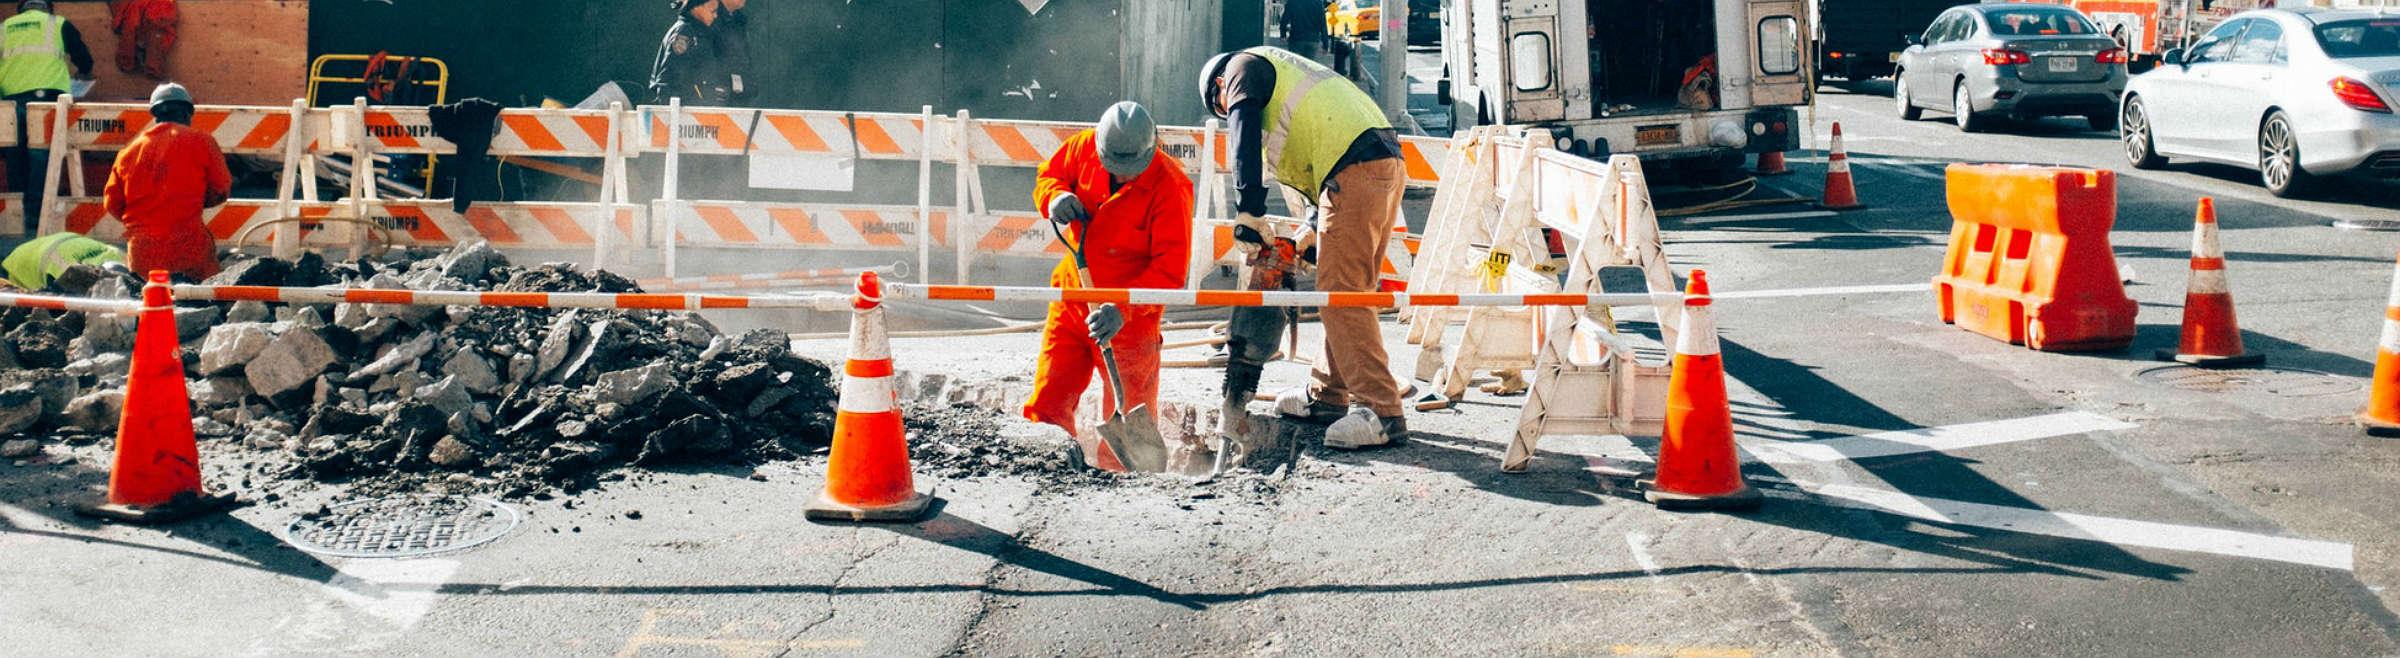 Des ouvriers sur un chantier de travaux publics